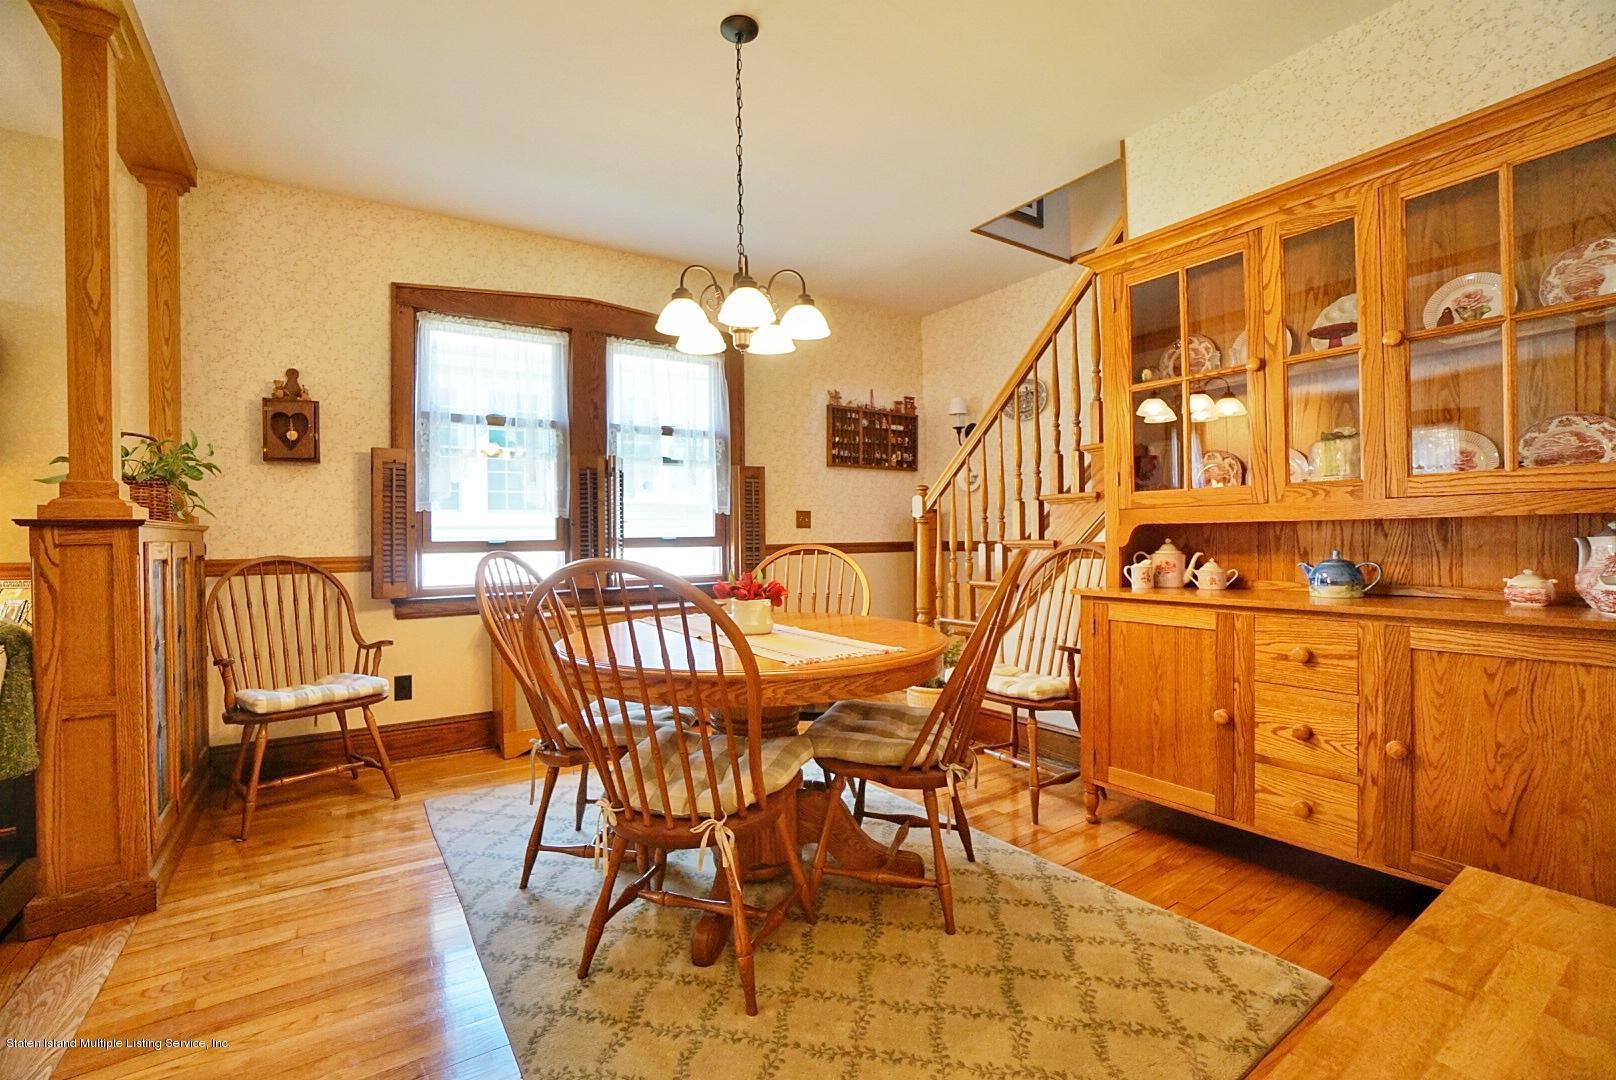 265 Brehaut Avenue,Staten Island,New York,10307,United States,3 Bedrooms Bedrooms,6 Rooms Rooms,2 BathroomsBathrooms,Residential,Brehaut,1128969